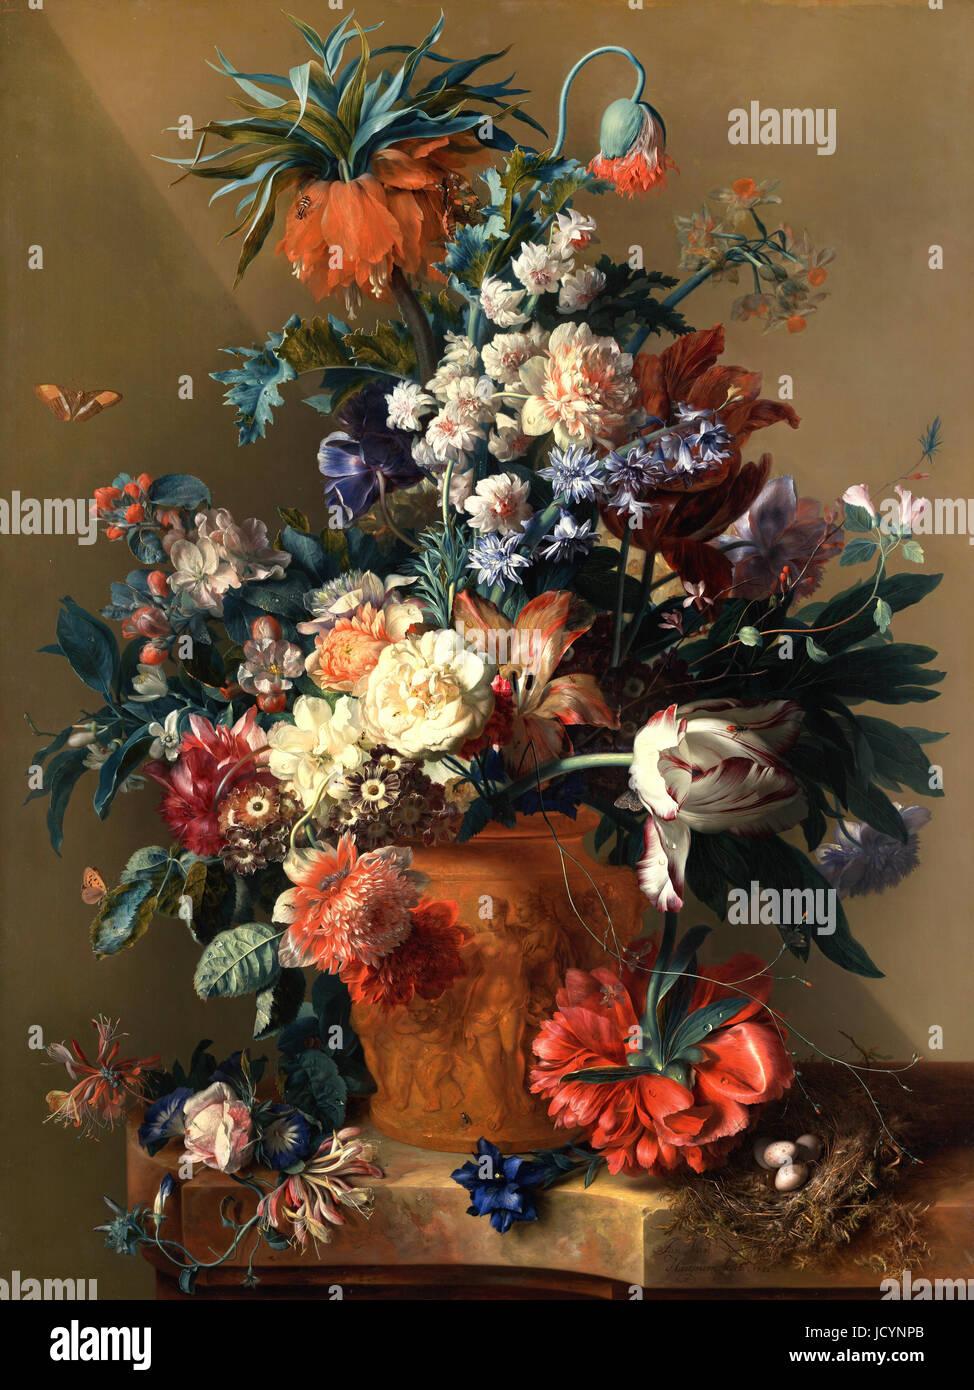 Jan van Huysum, Vase de fleurs. 1722 Huile sur panneau. Getty Center, Los Angeles, USA. Banque D'Images